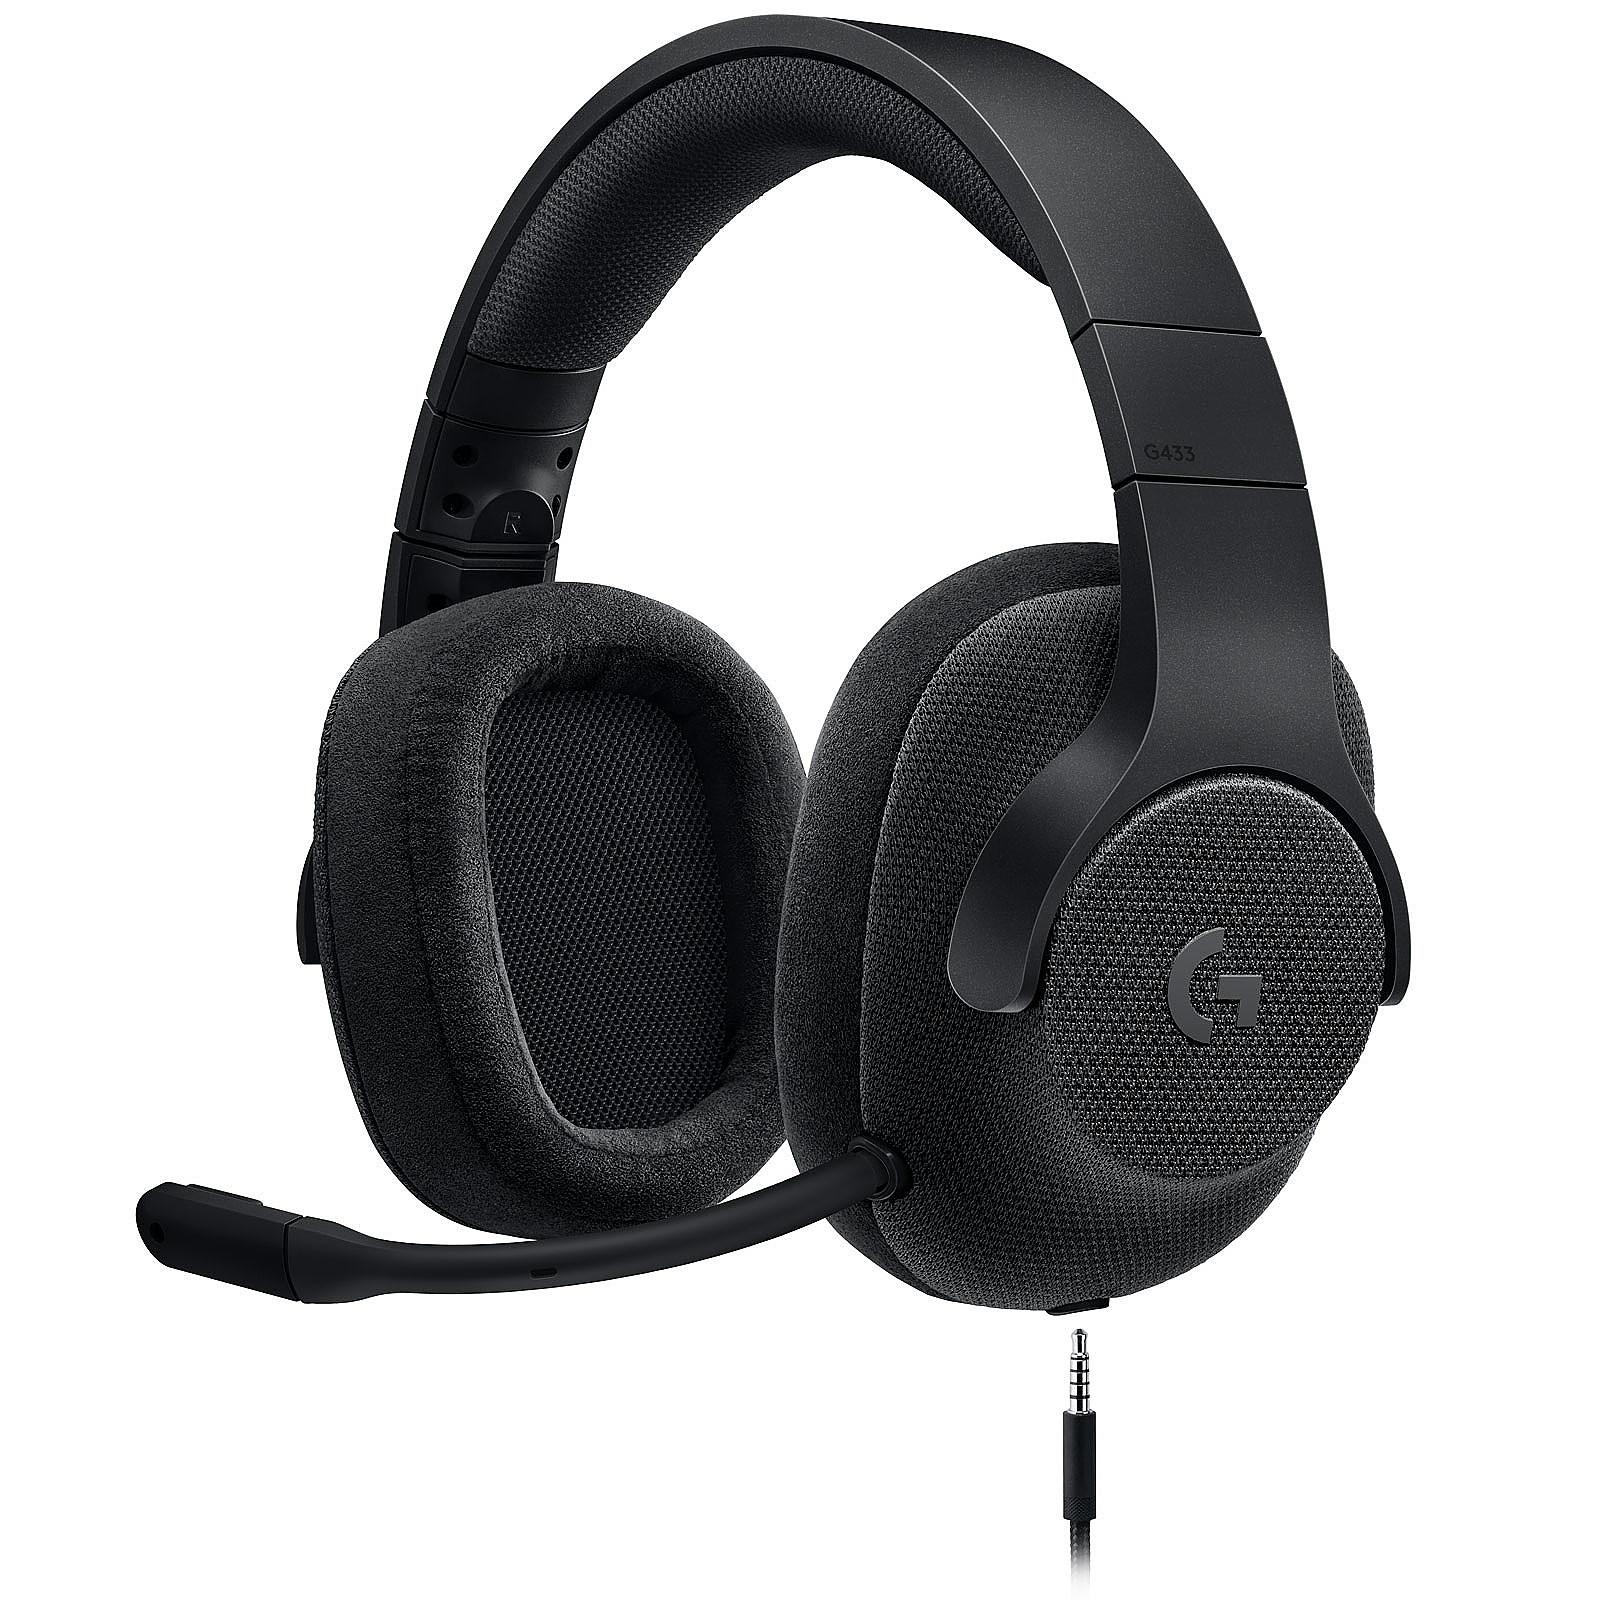 Logitech G433 7.1 Surround Sound Wired Gaming Headset Noir